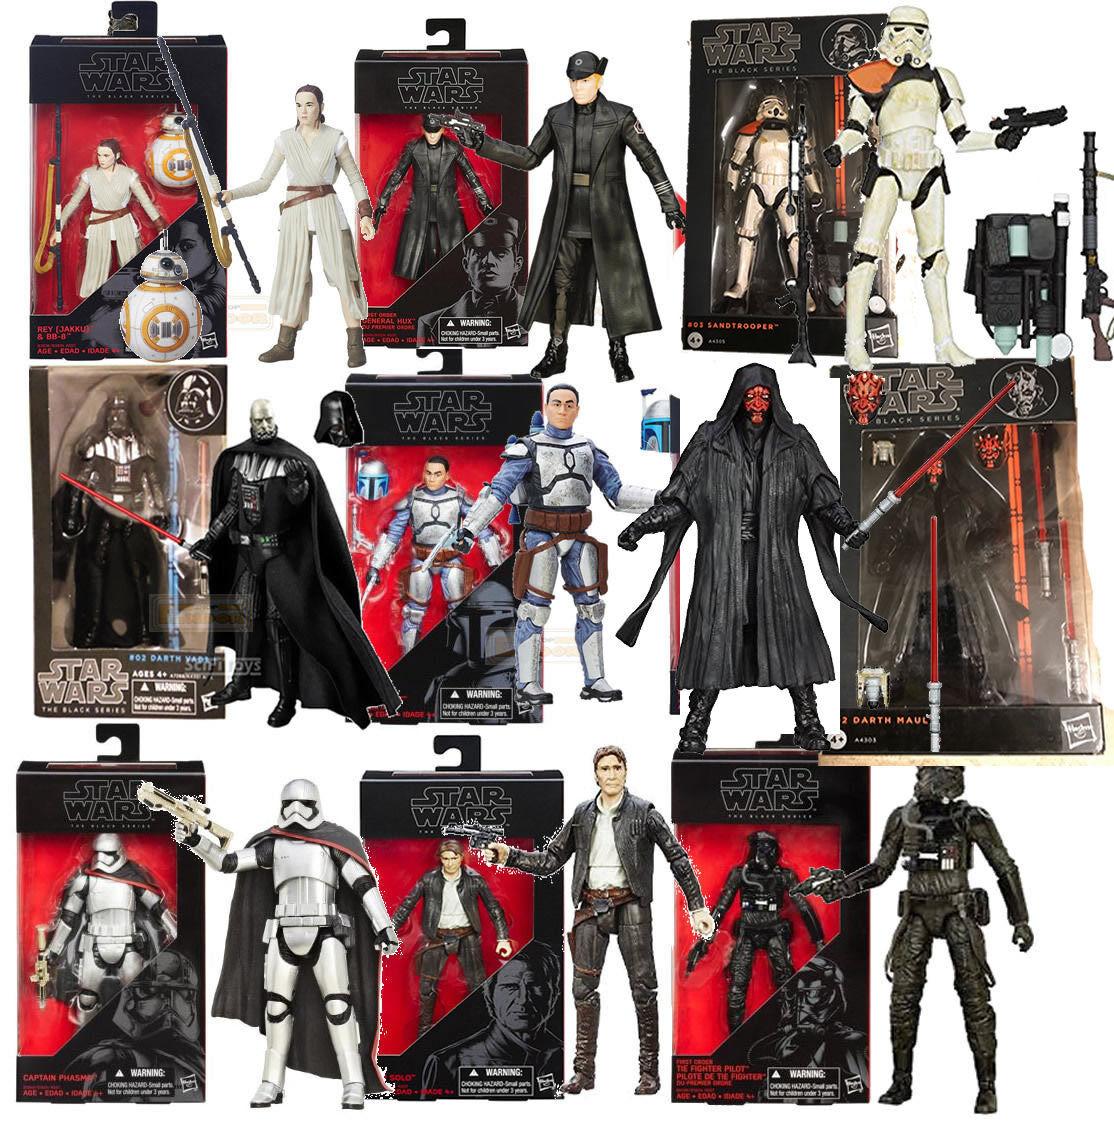 Figura Star Wars schwarz series Darth Vader BB-8 Rey Hux sandtrooper Darth Maul